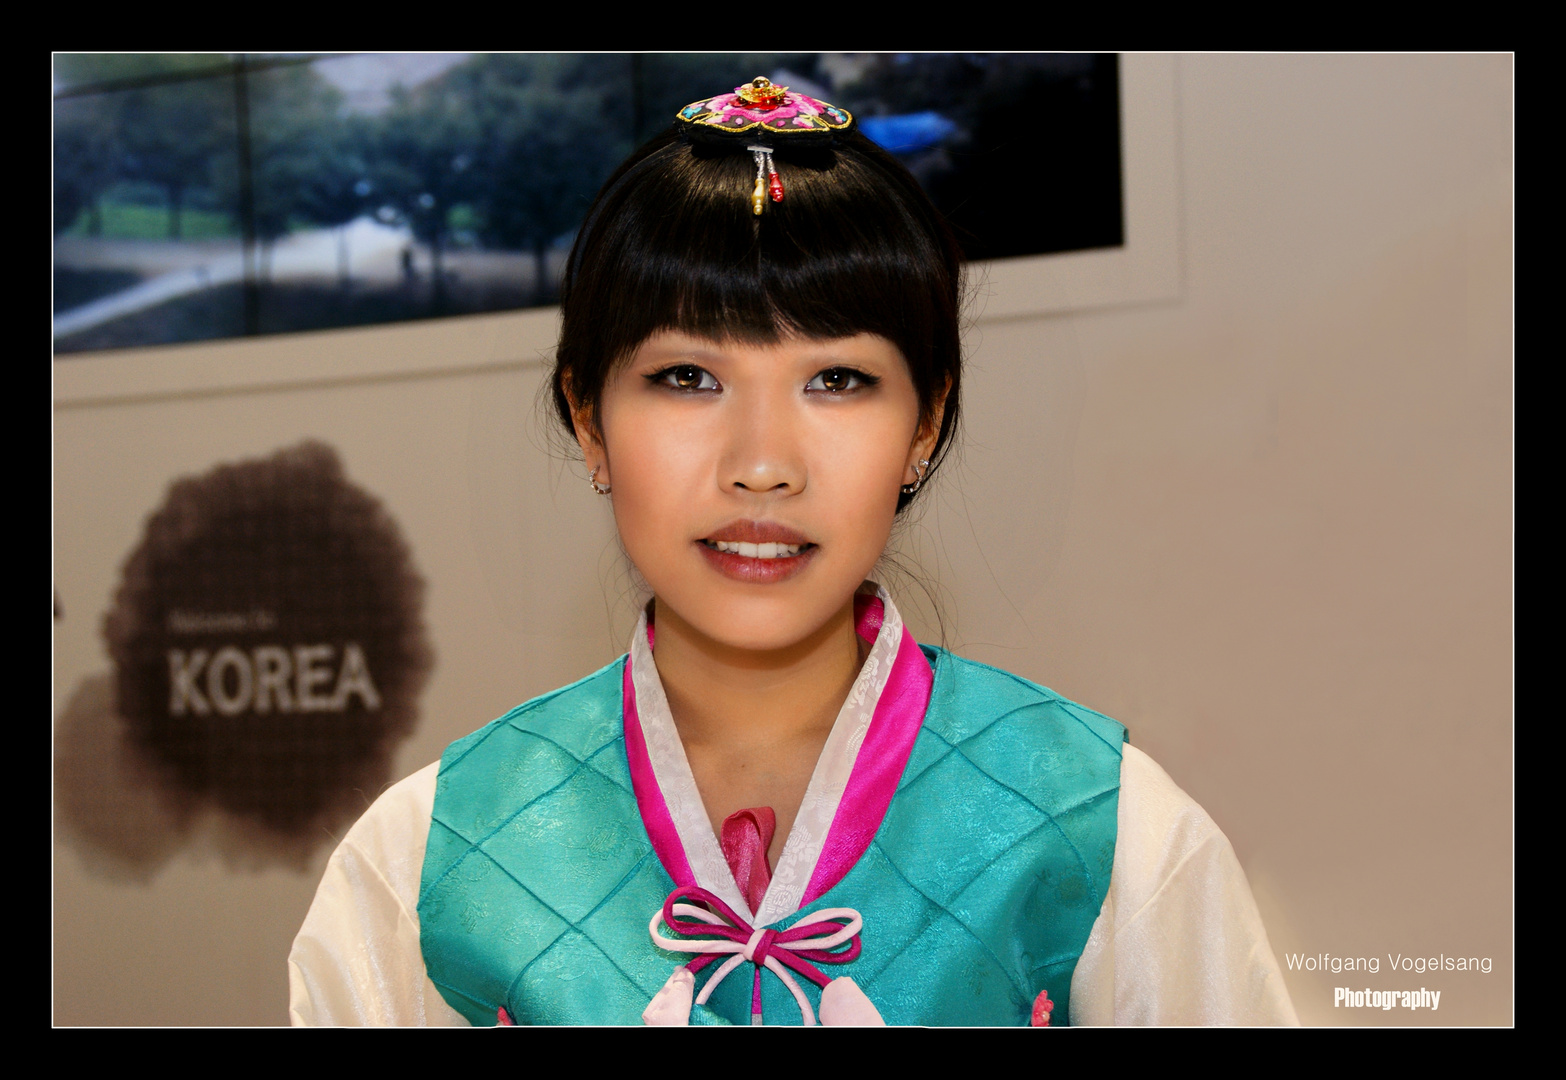 ...schöne Koreanerin...